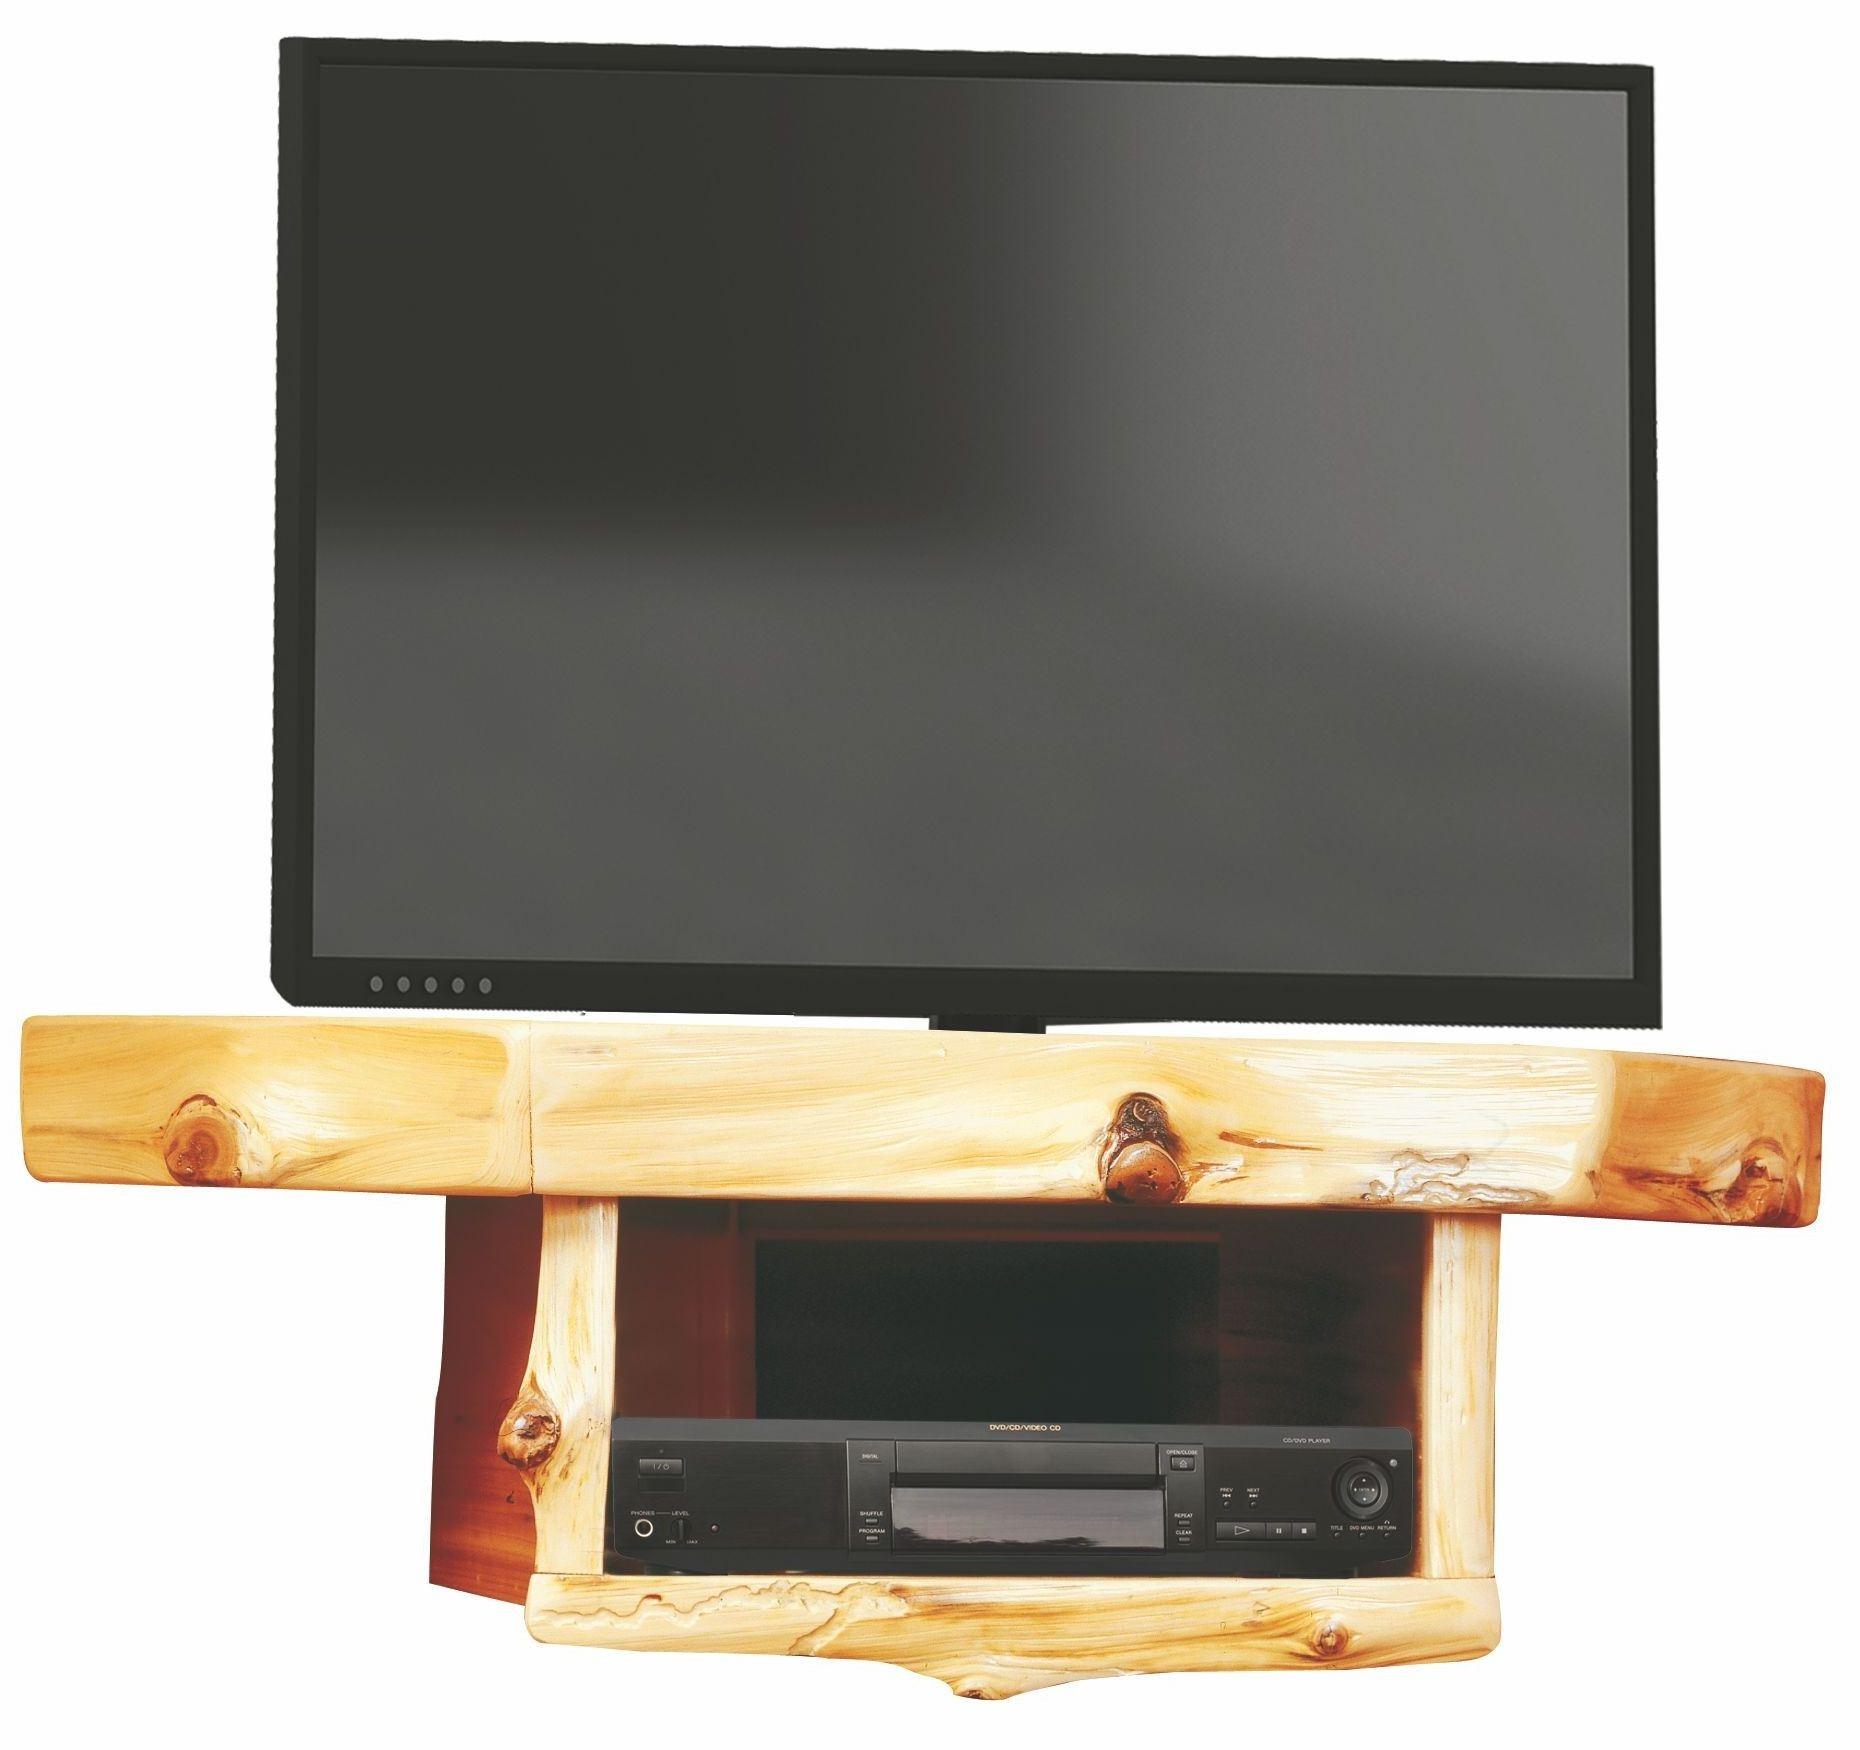 15 Corner Shelf For Dvd Player Shelf Ideas